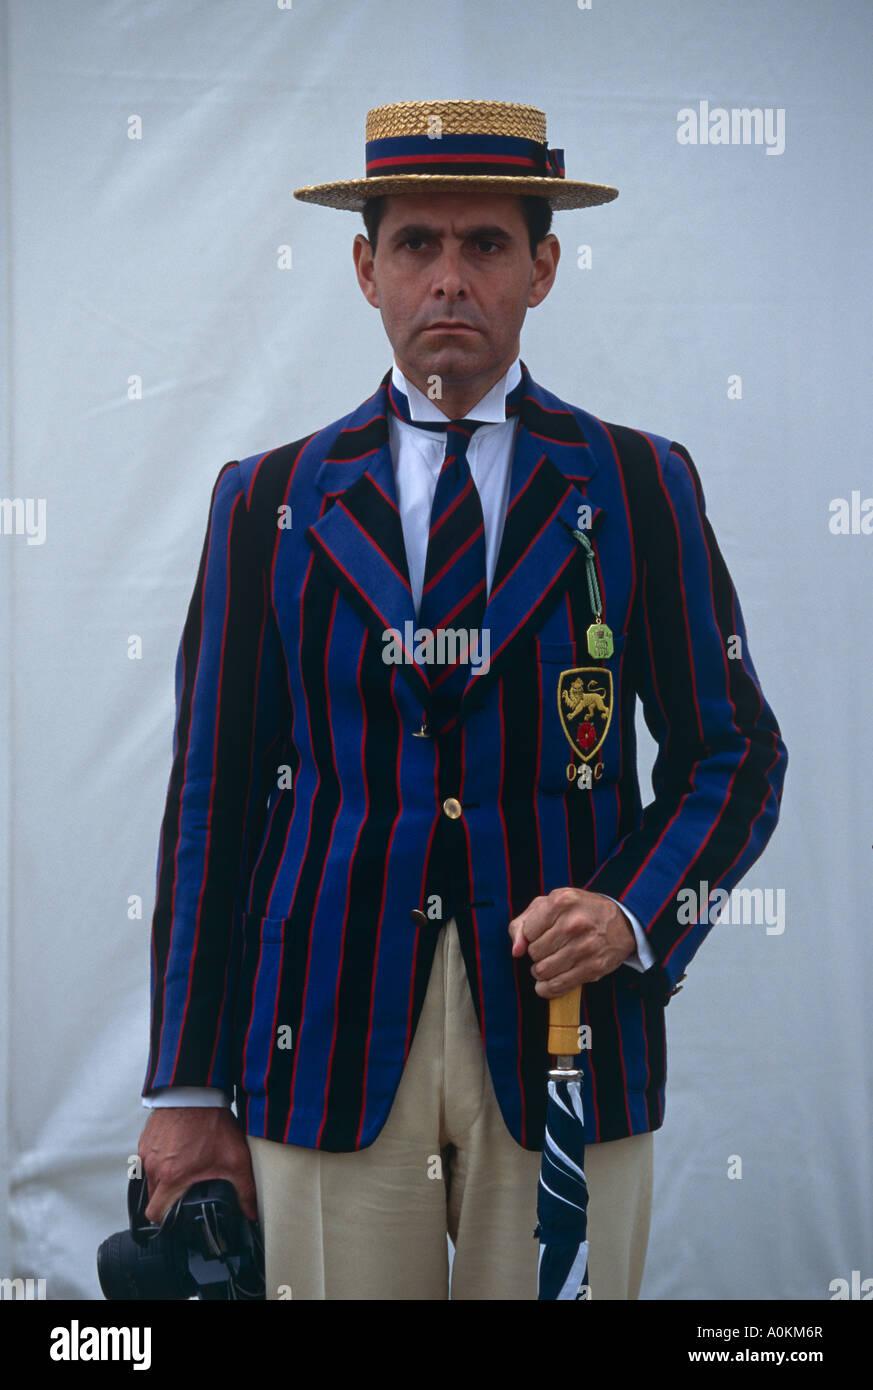 Wearing a blazer to a club